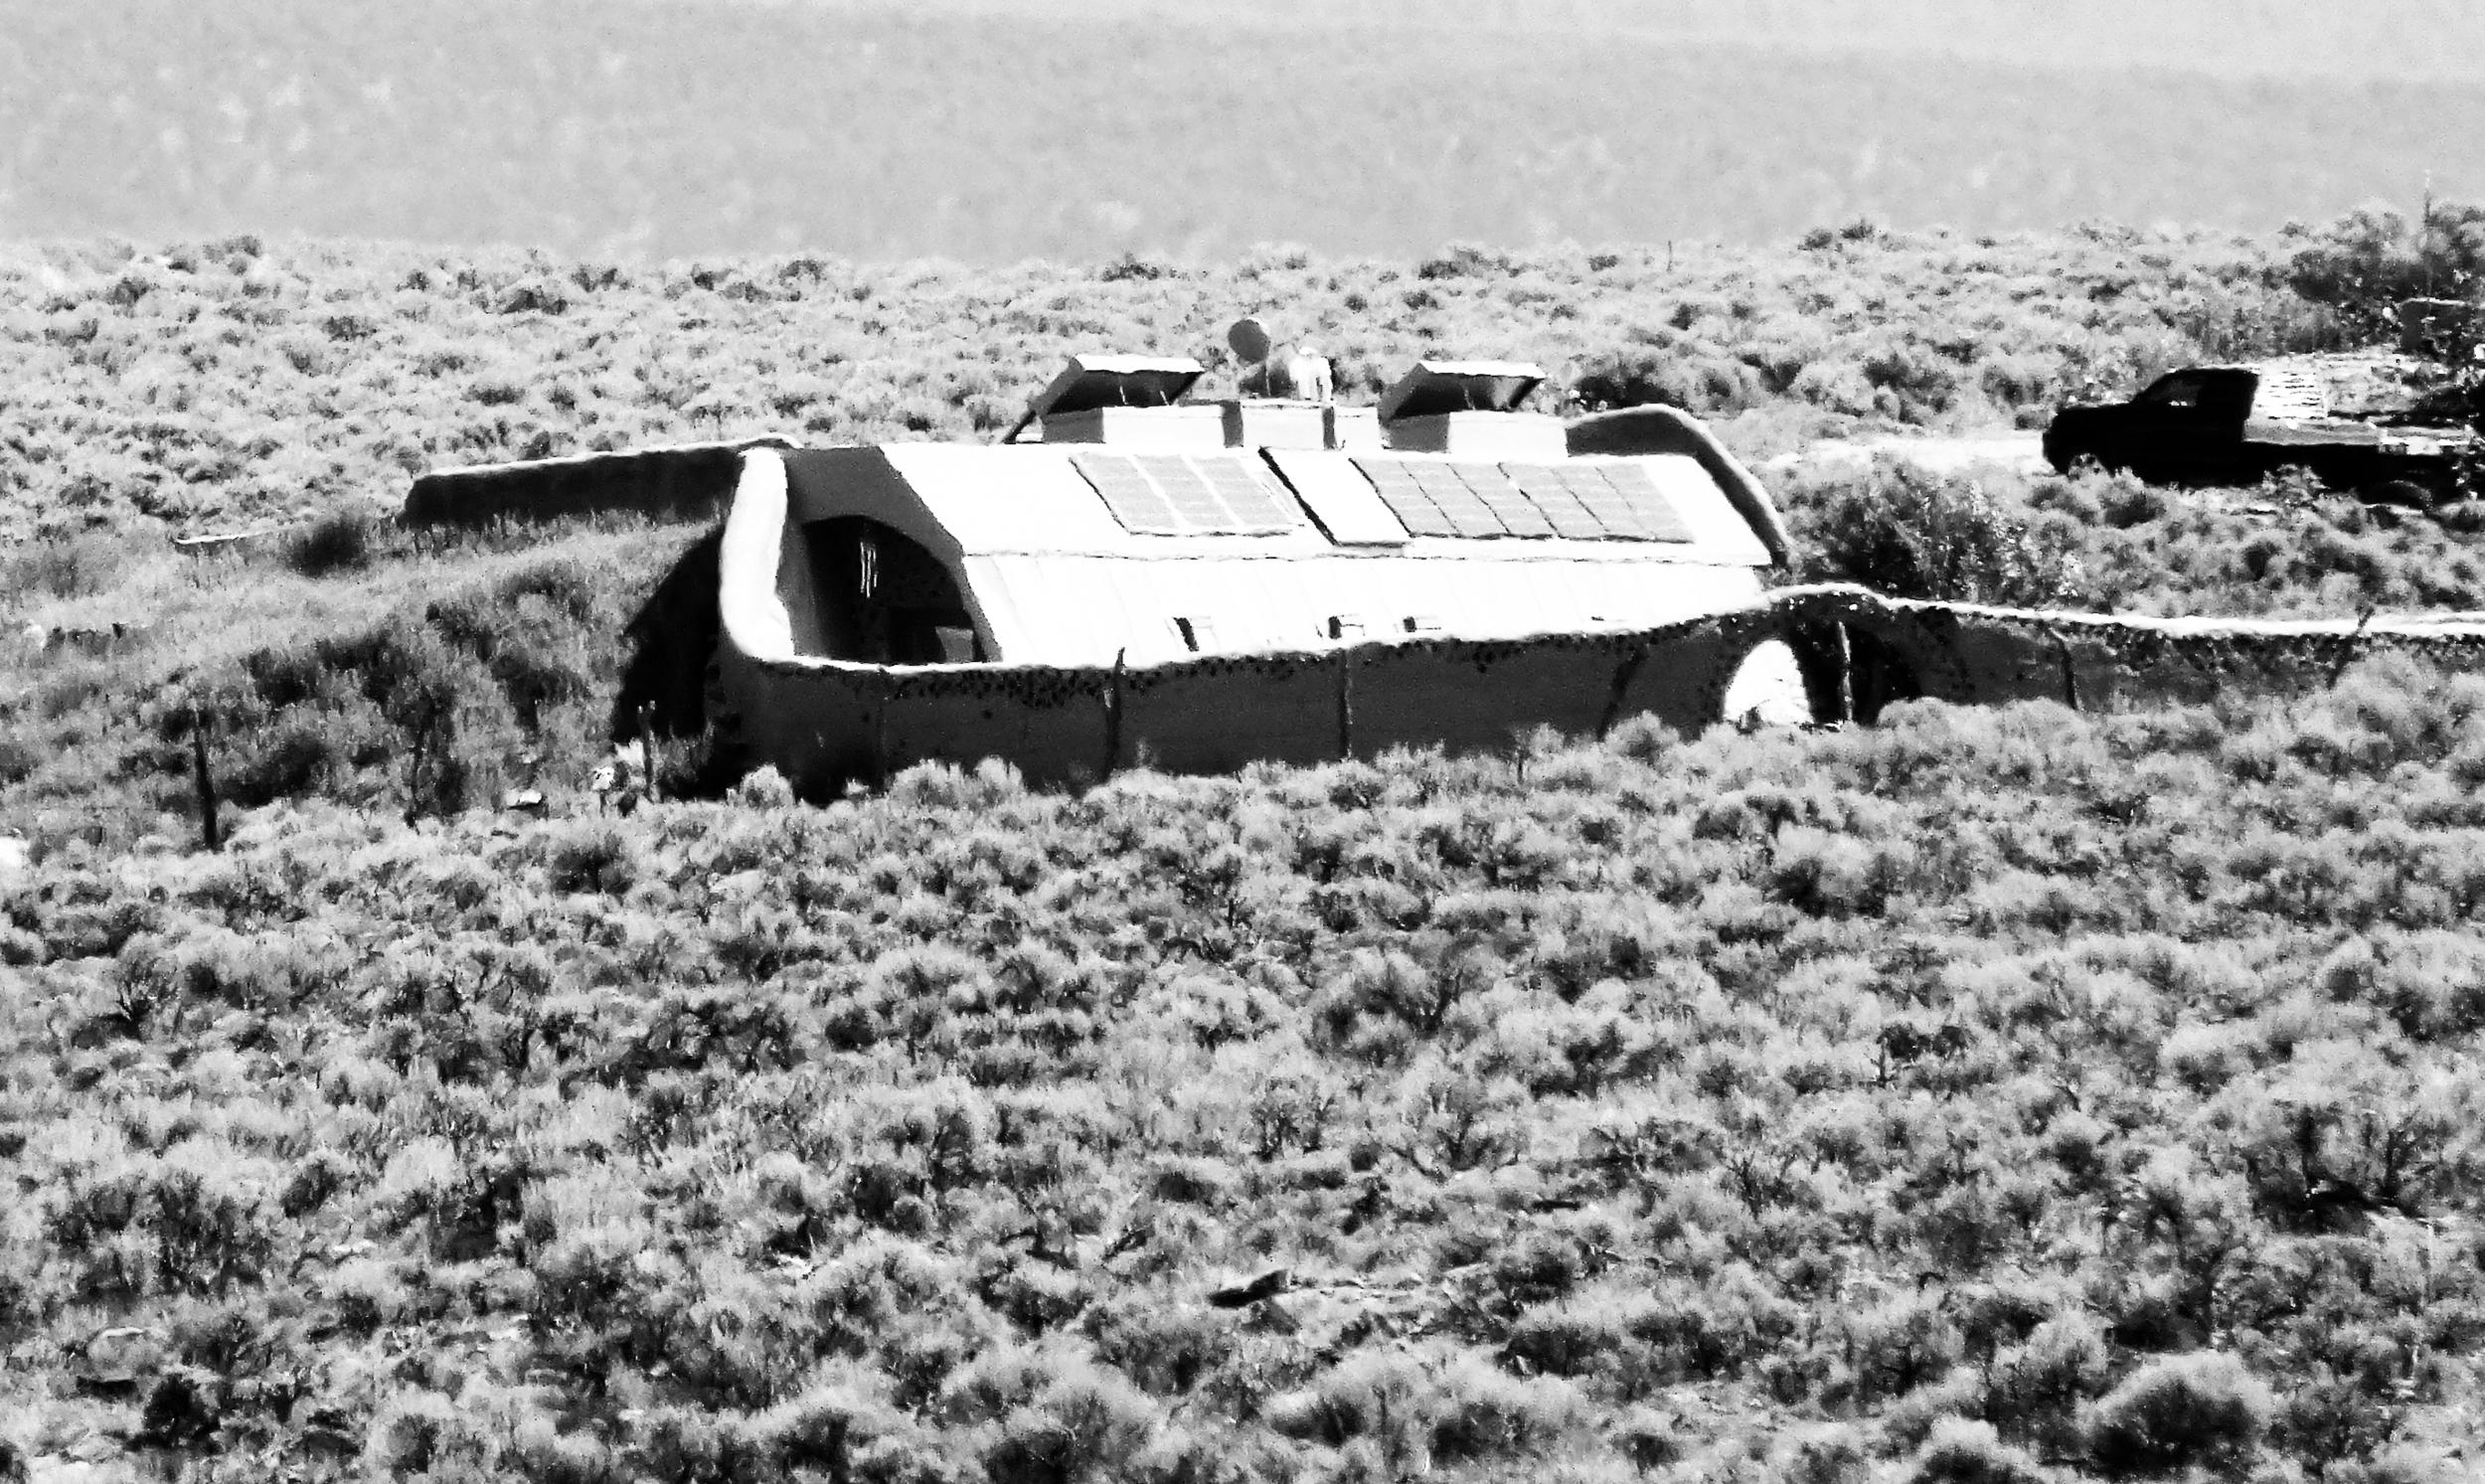 53. Earthship in landscape_P1120221_bwF400.jpg